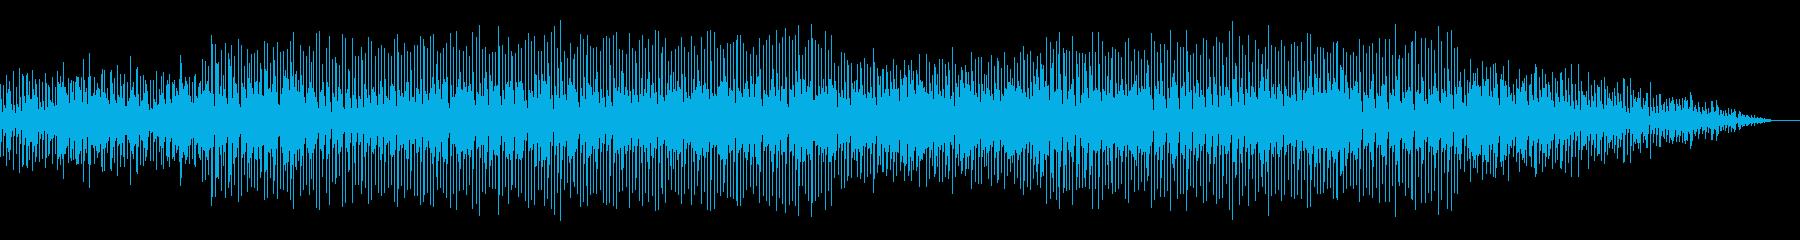 電脳世界の迷宮に迷い込んだ感覚のBGMの再生済みの波形